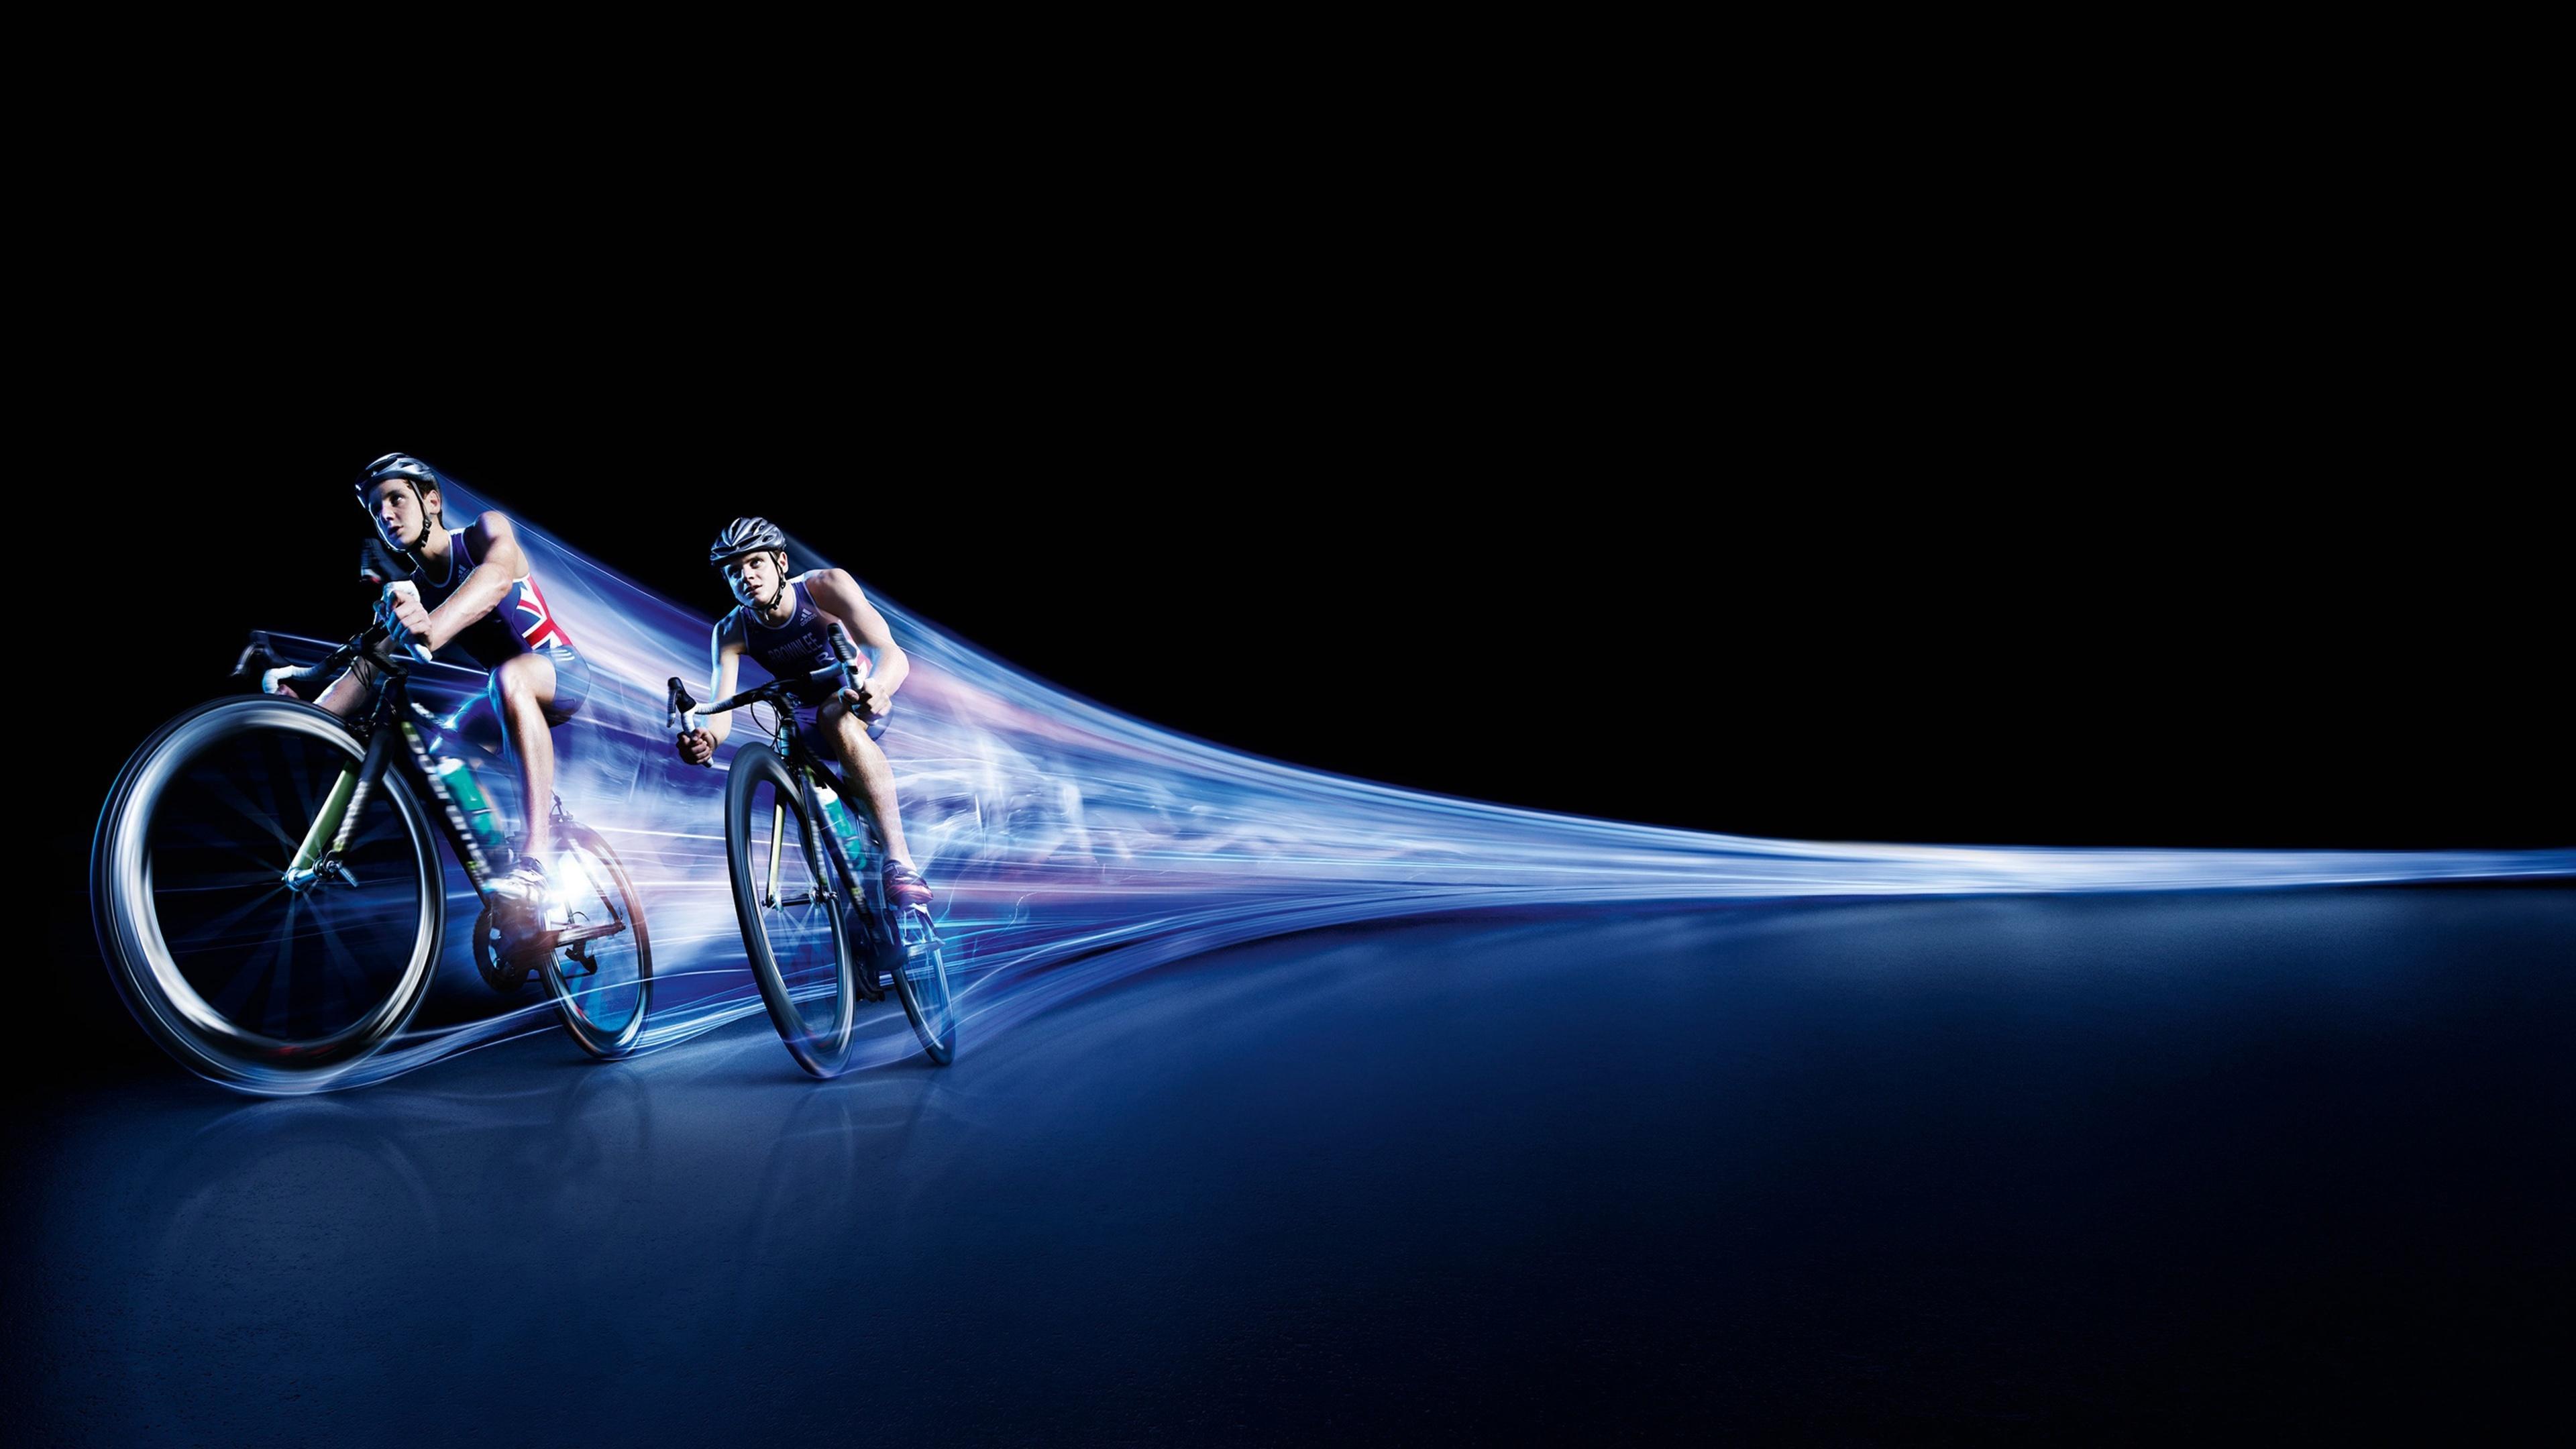 cycling-time-lapse-xk.jpg